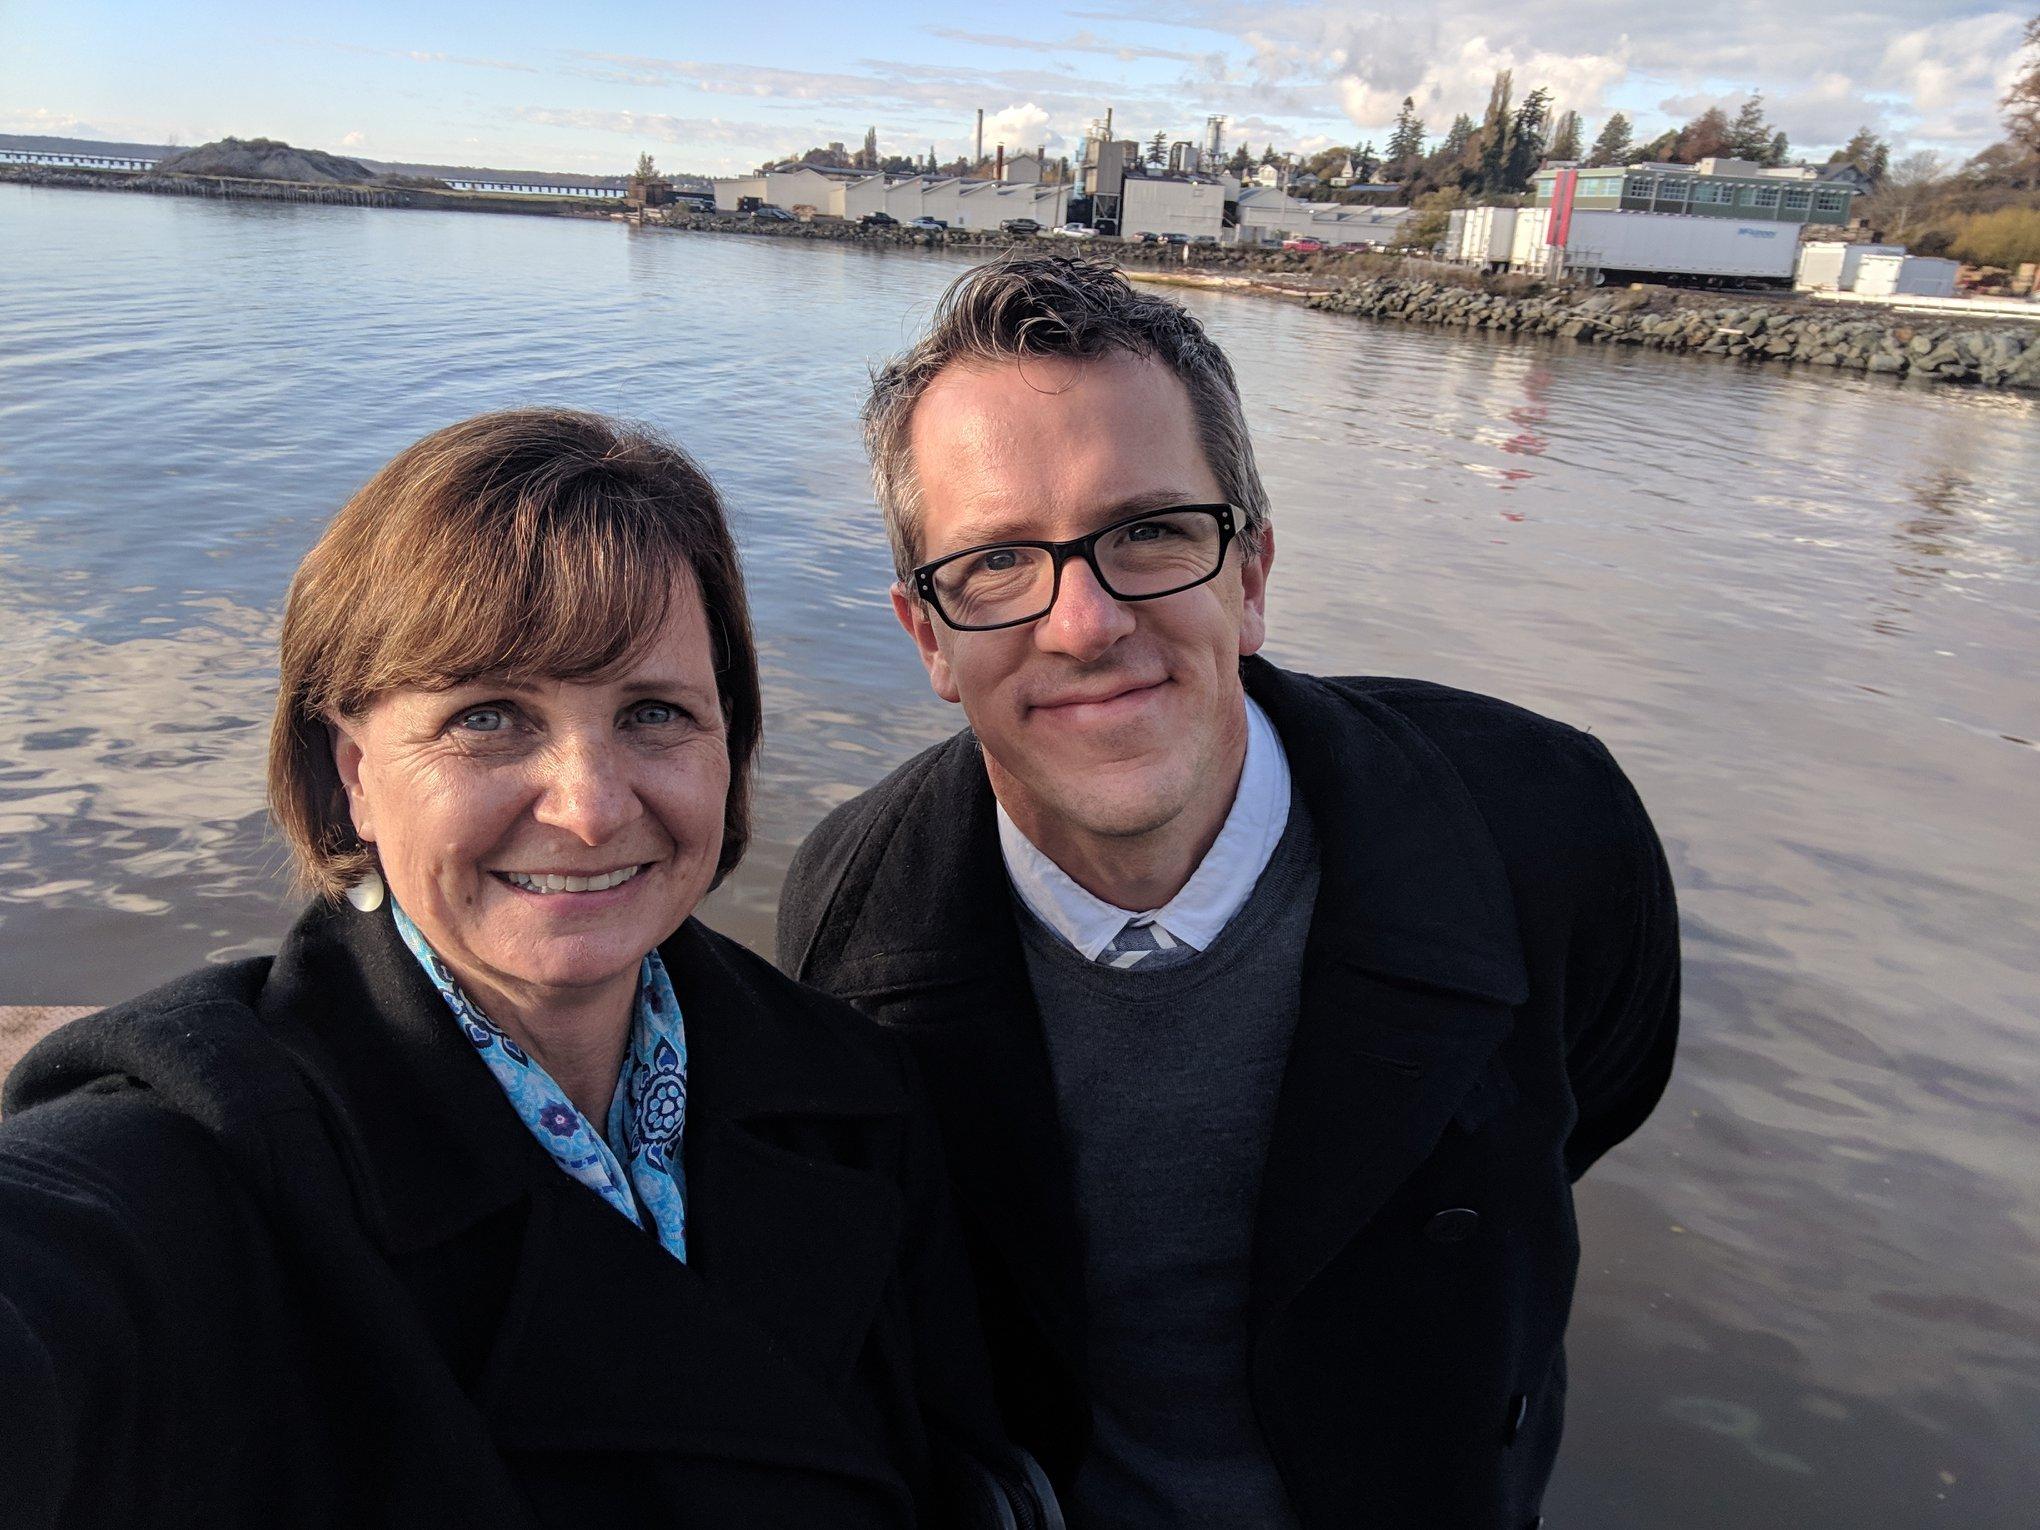 Patti Rowlson and Matthew Anderson, 2018.